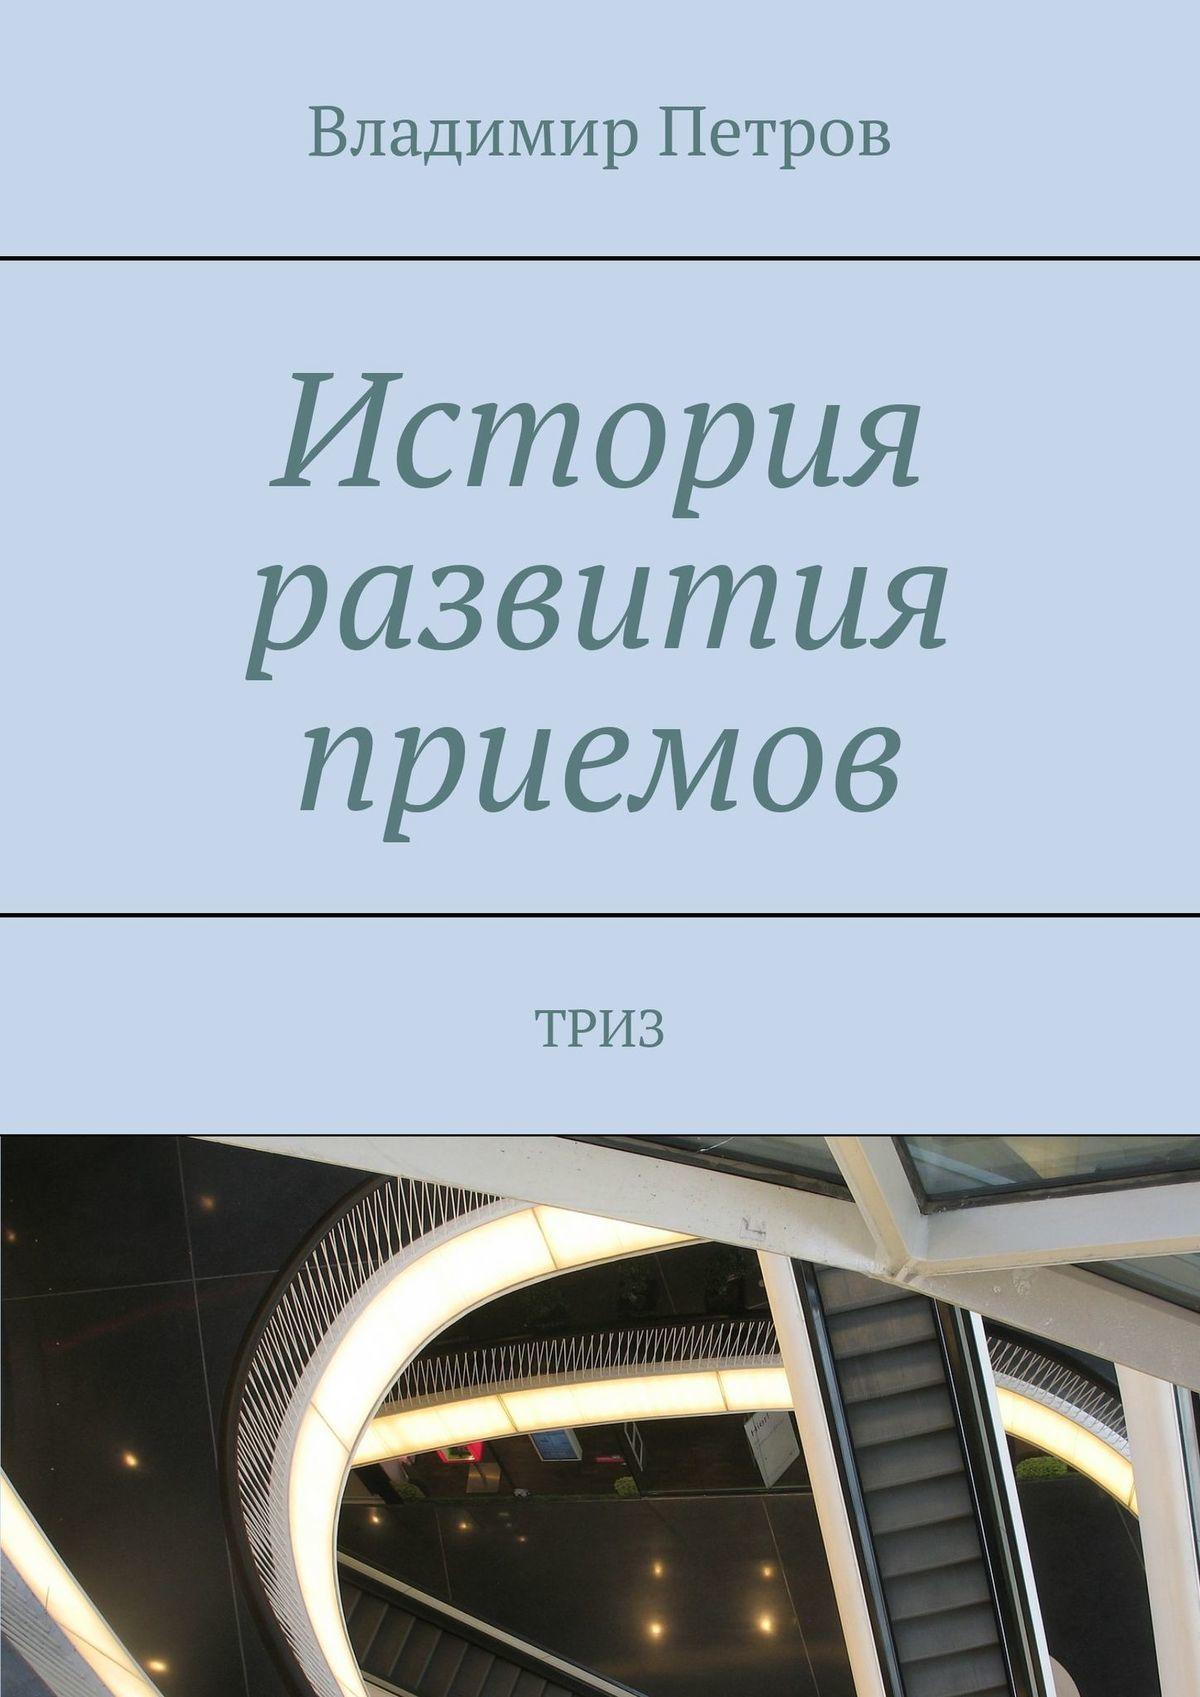 Владимир Петров - История развития приемов. ТРИЗ